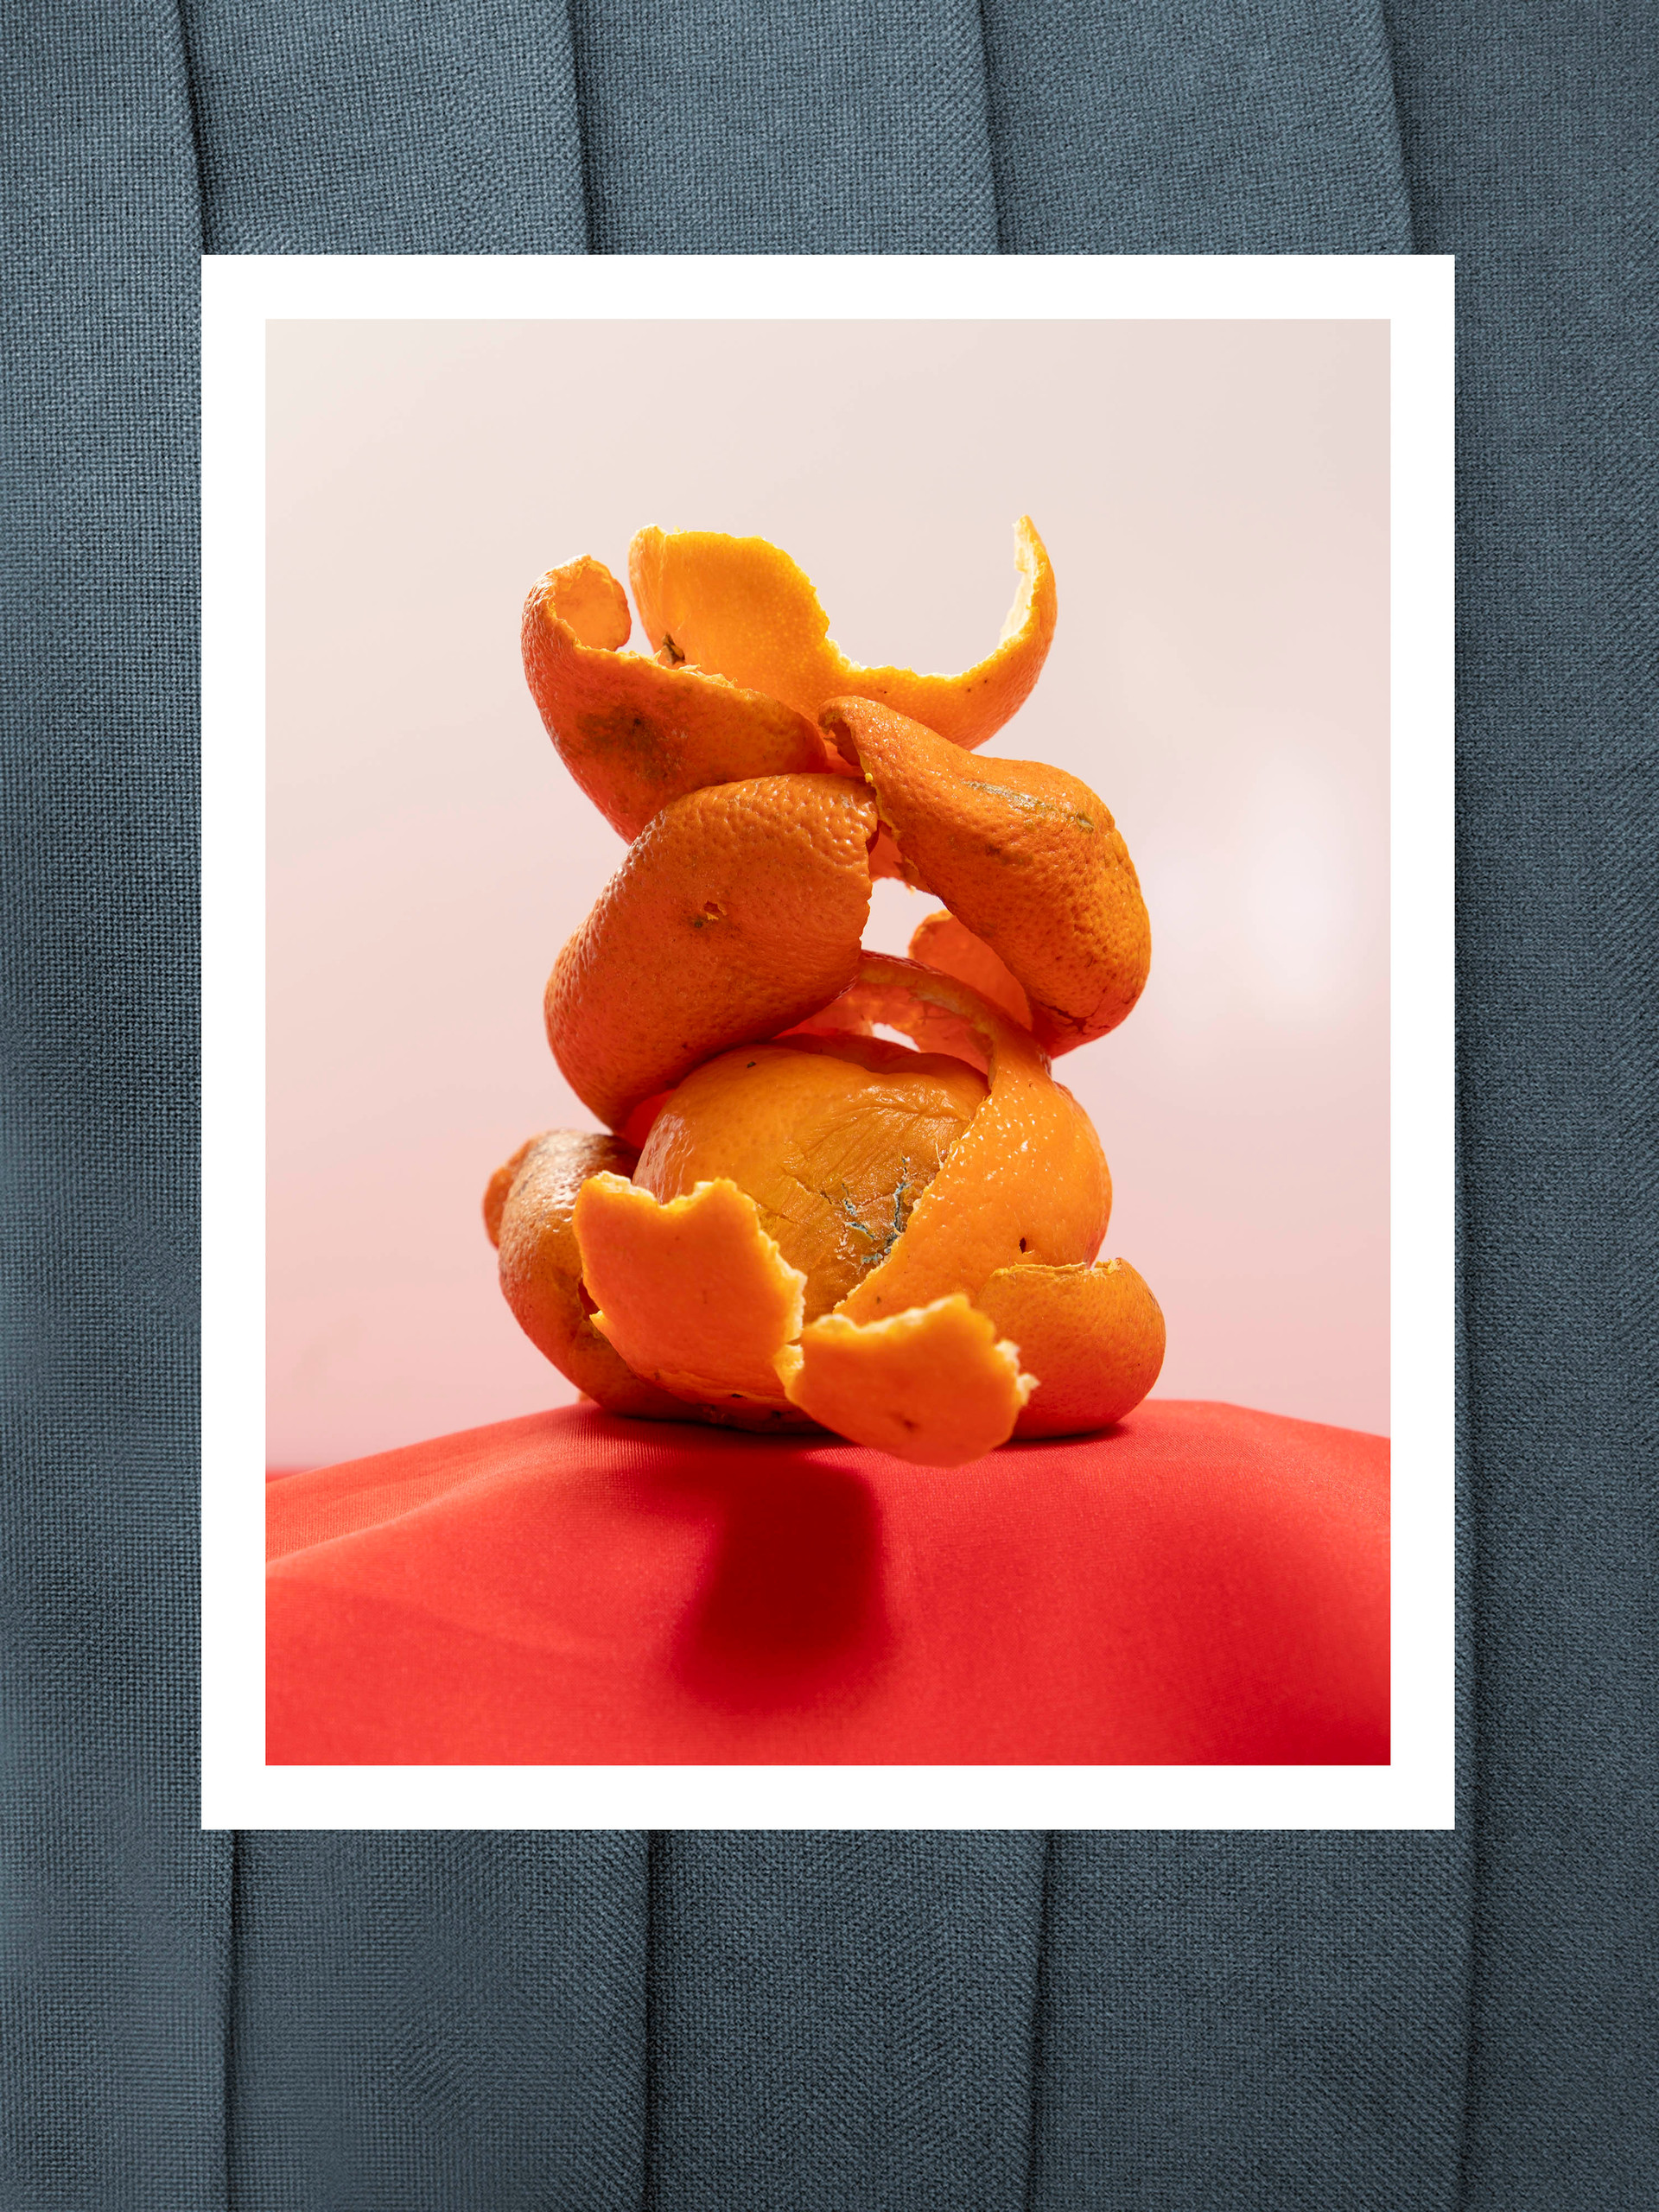 Fruit Consumption